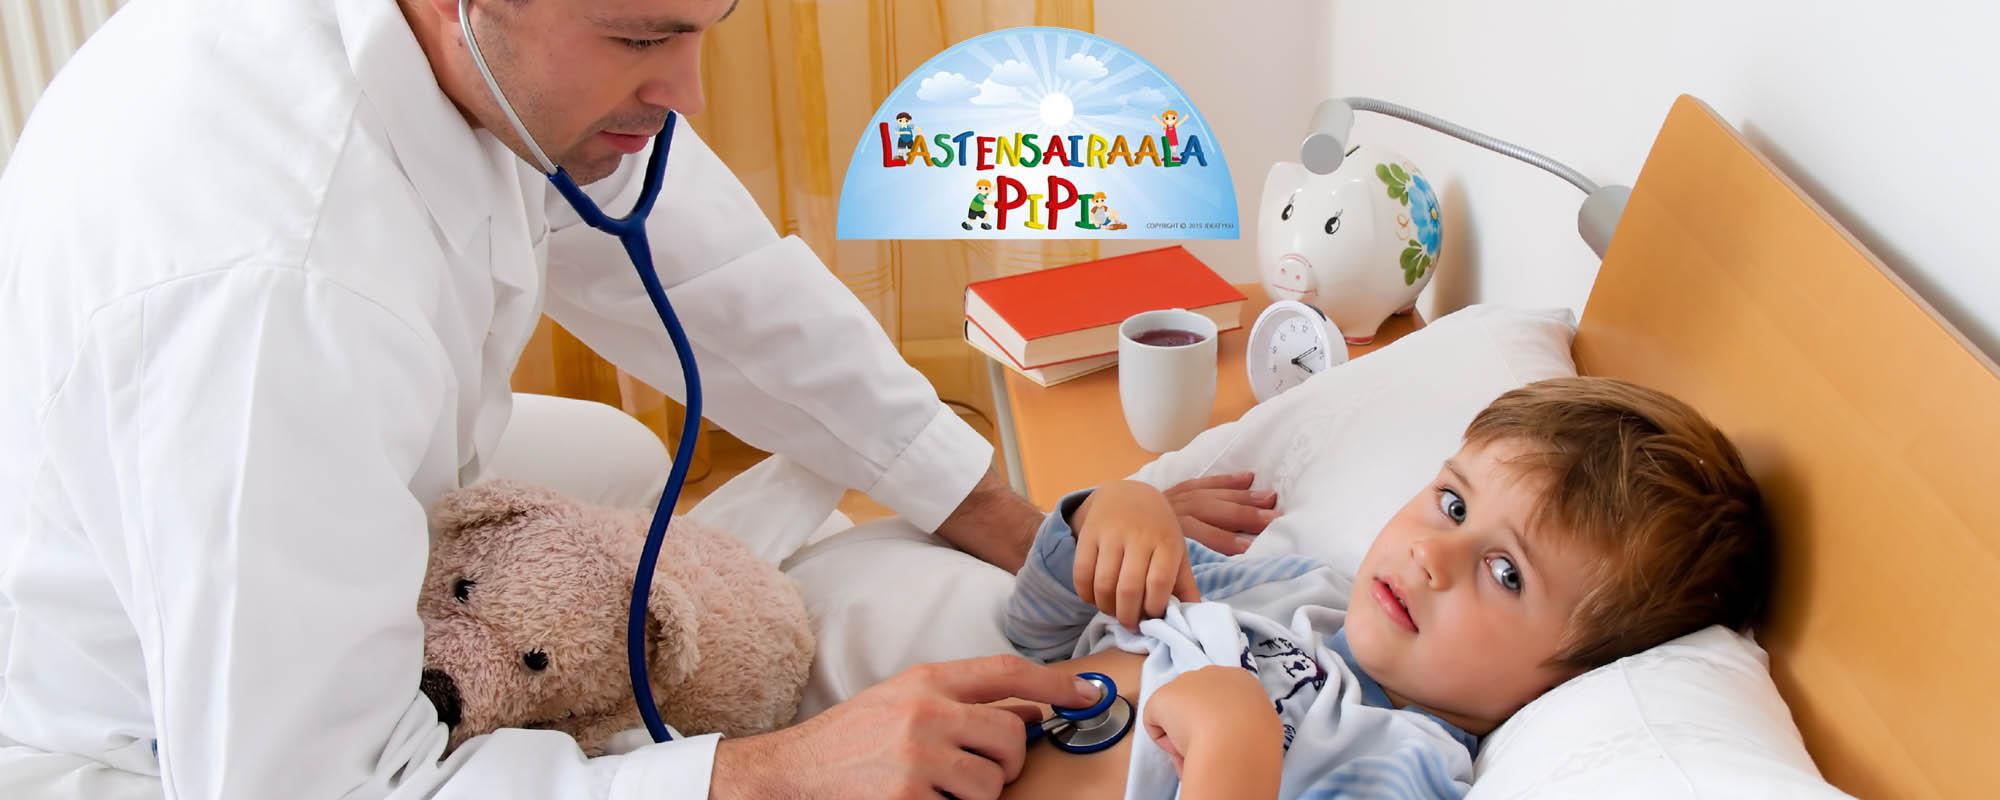 Lastensairaalapipi.fi